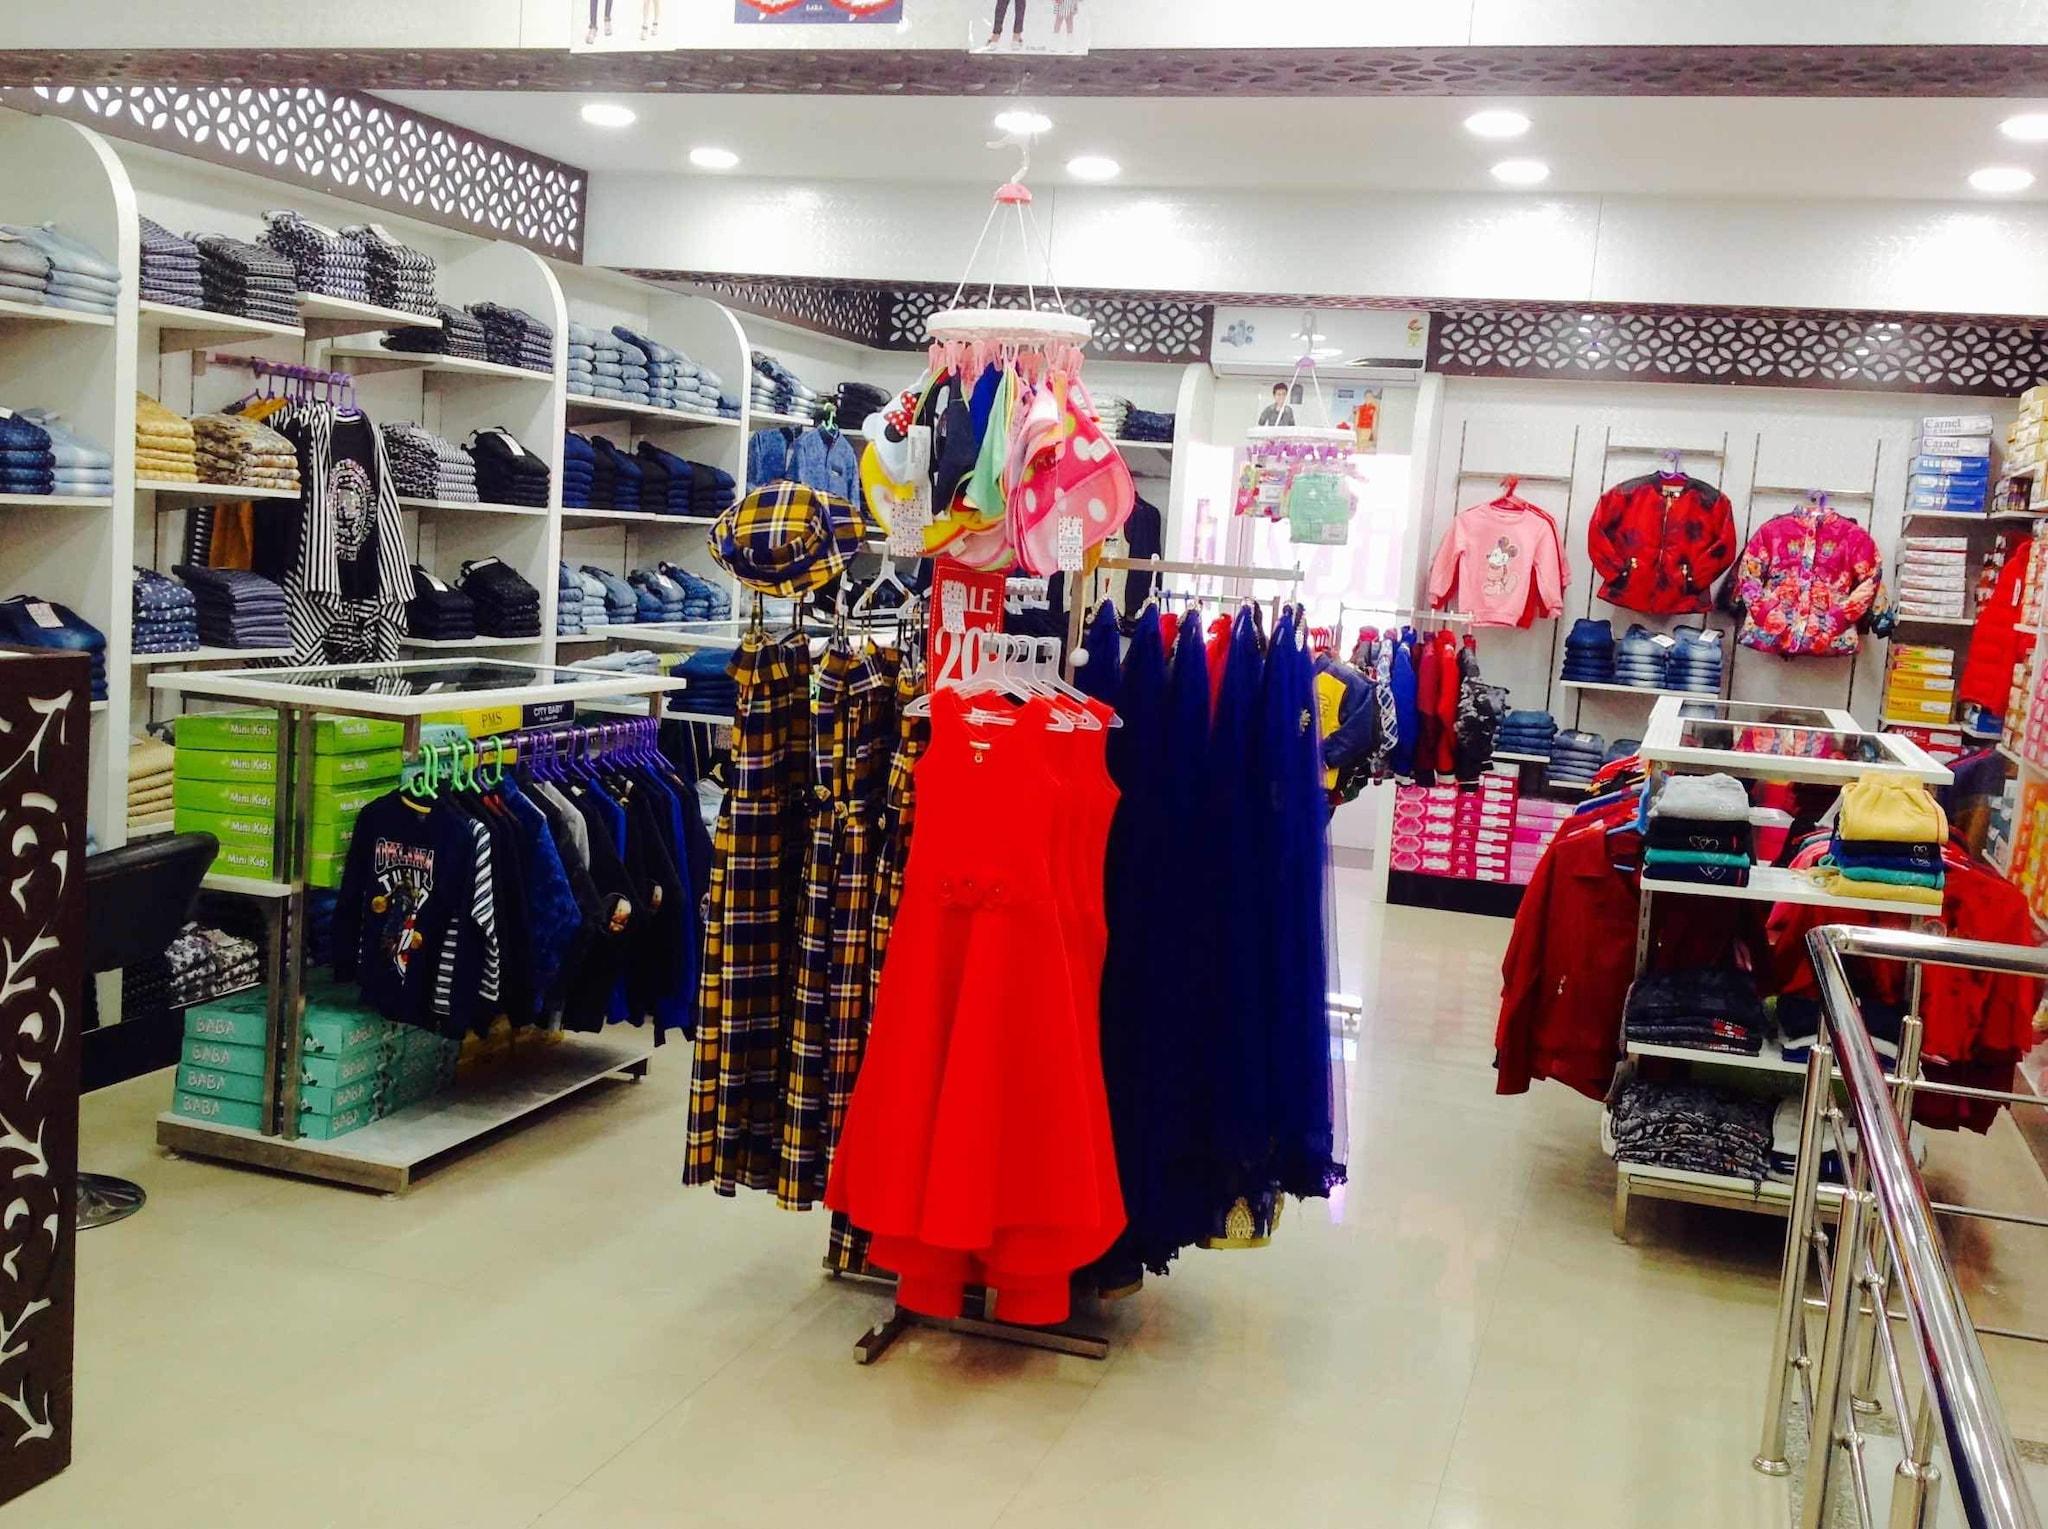 233746b69 Top 100 Children Readymade Garment Retailers in Dehradun - Best Kids ...